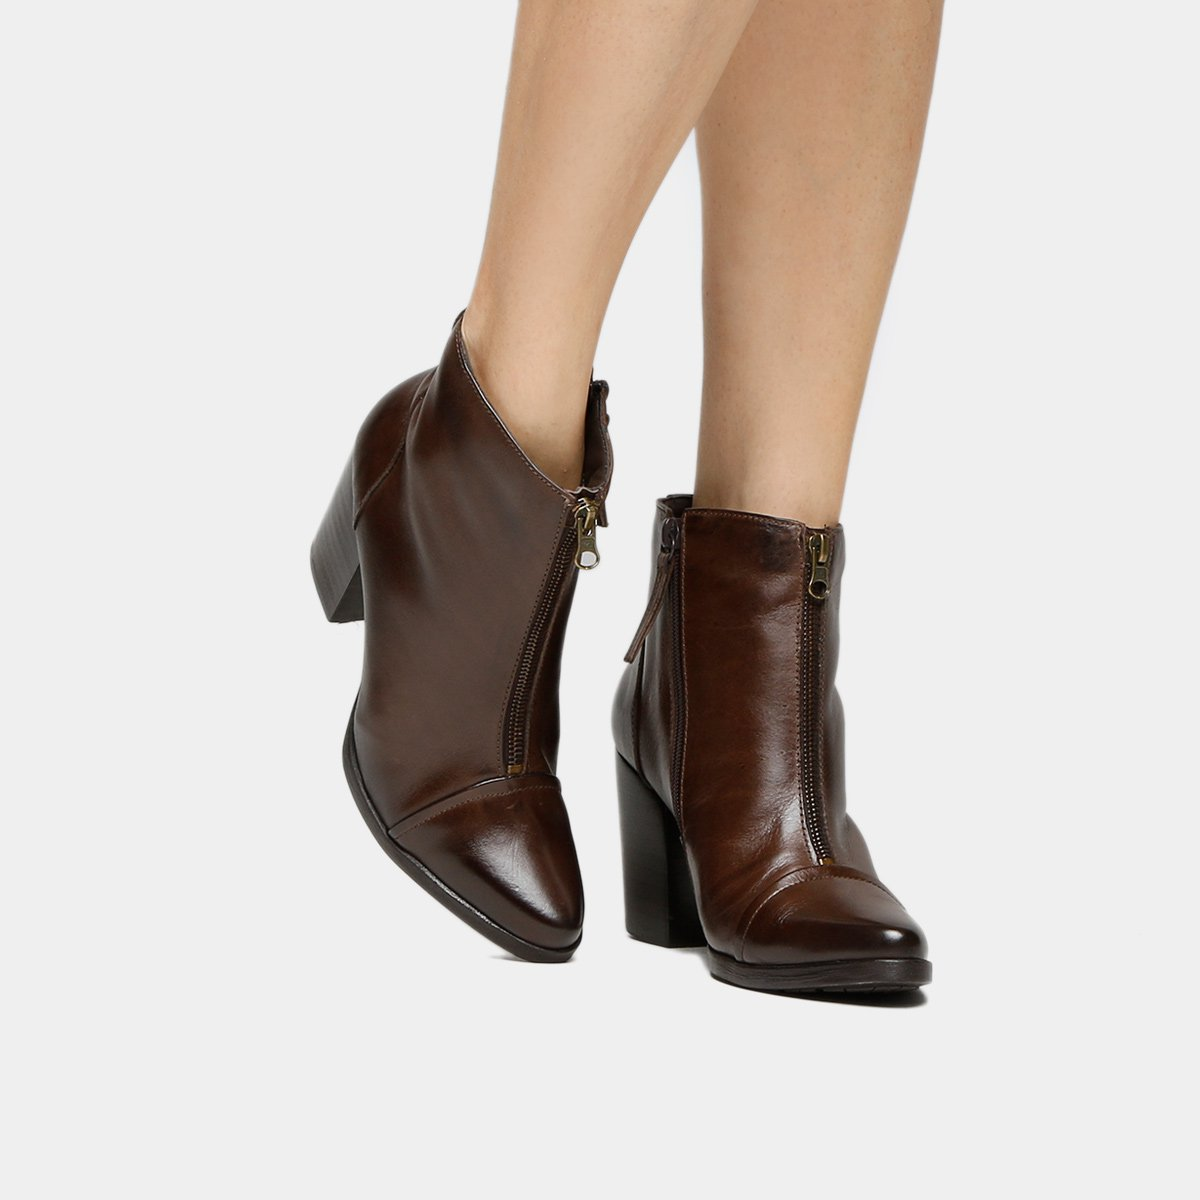 1e3691895 Bota Couro Cano Curto Shoestock Midi Ziper Feminino   Shoestock